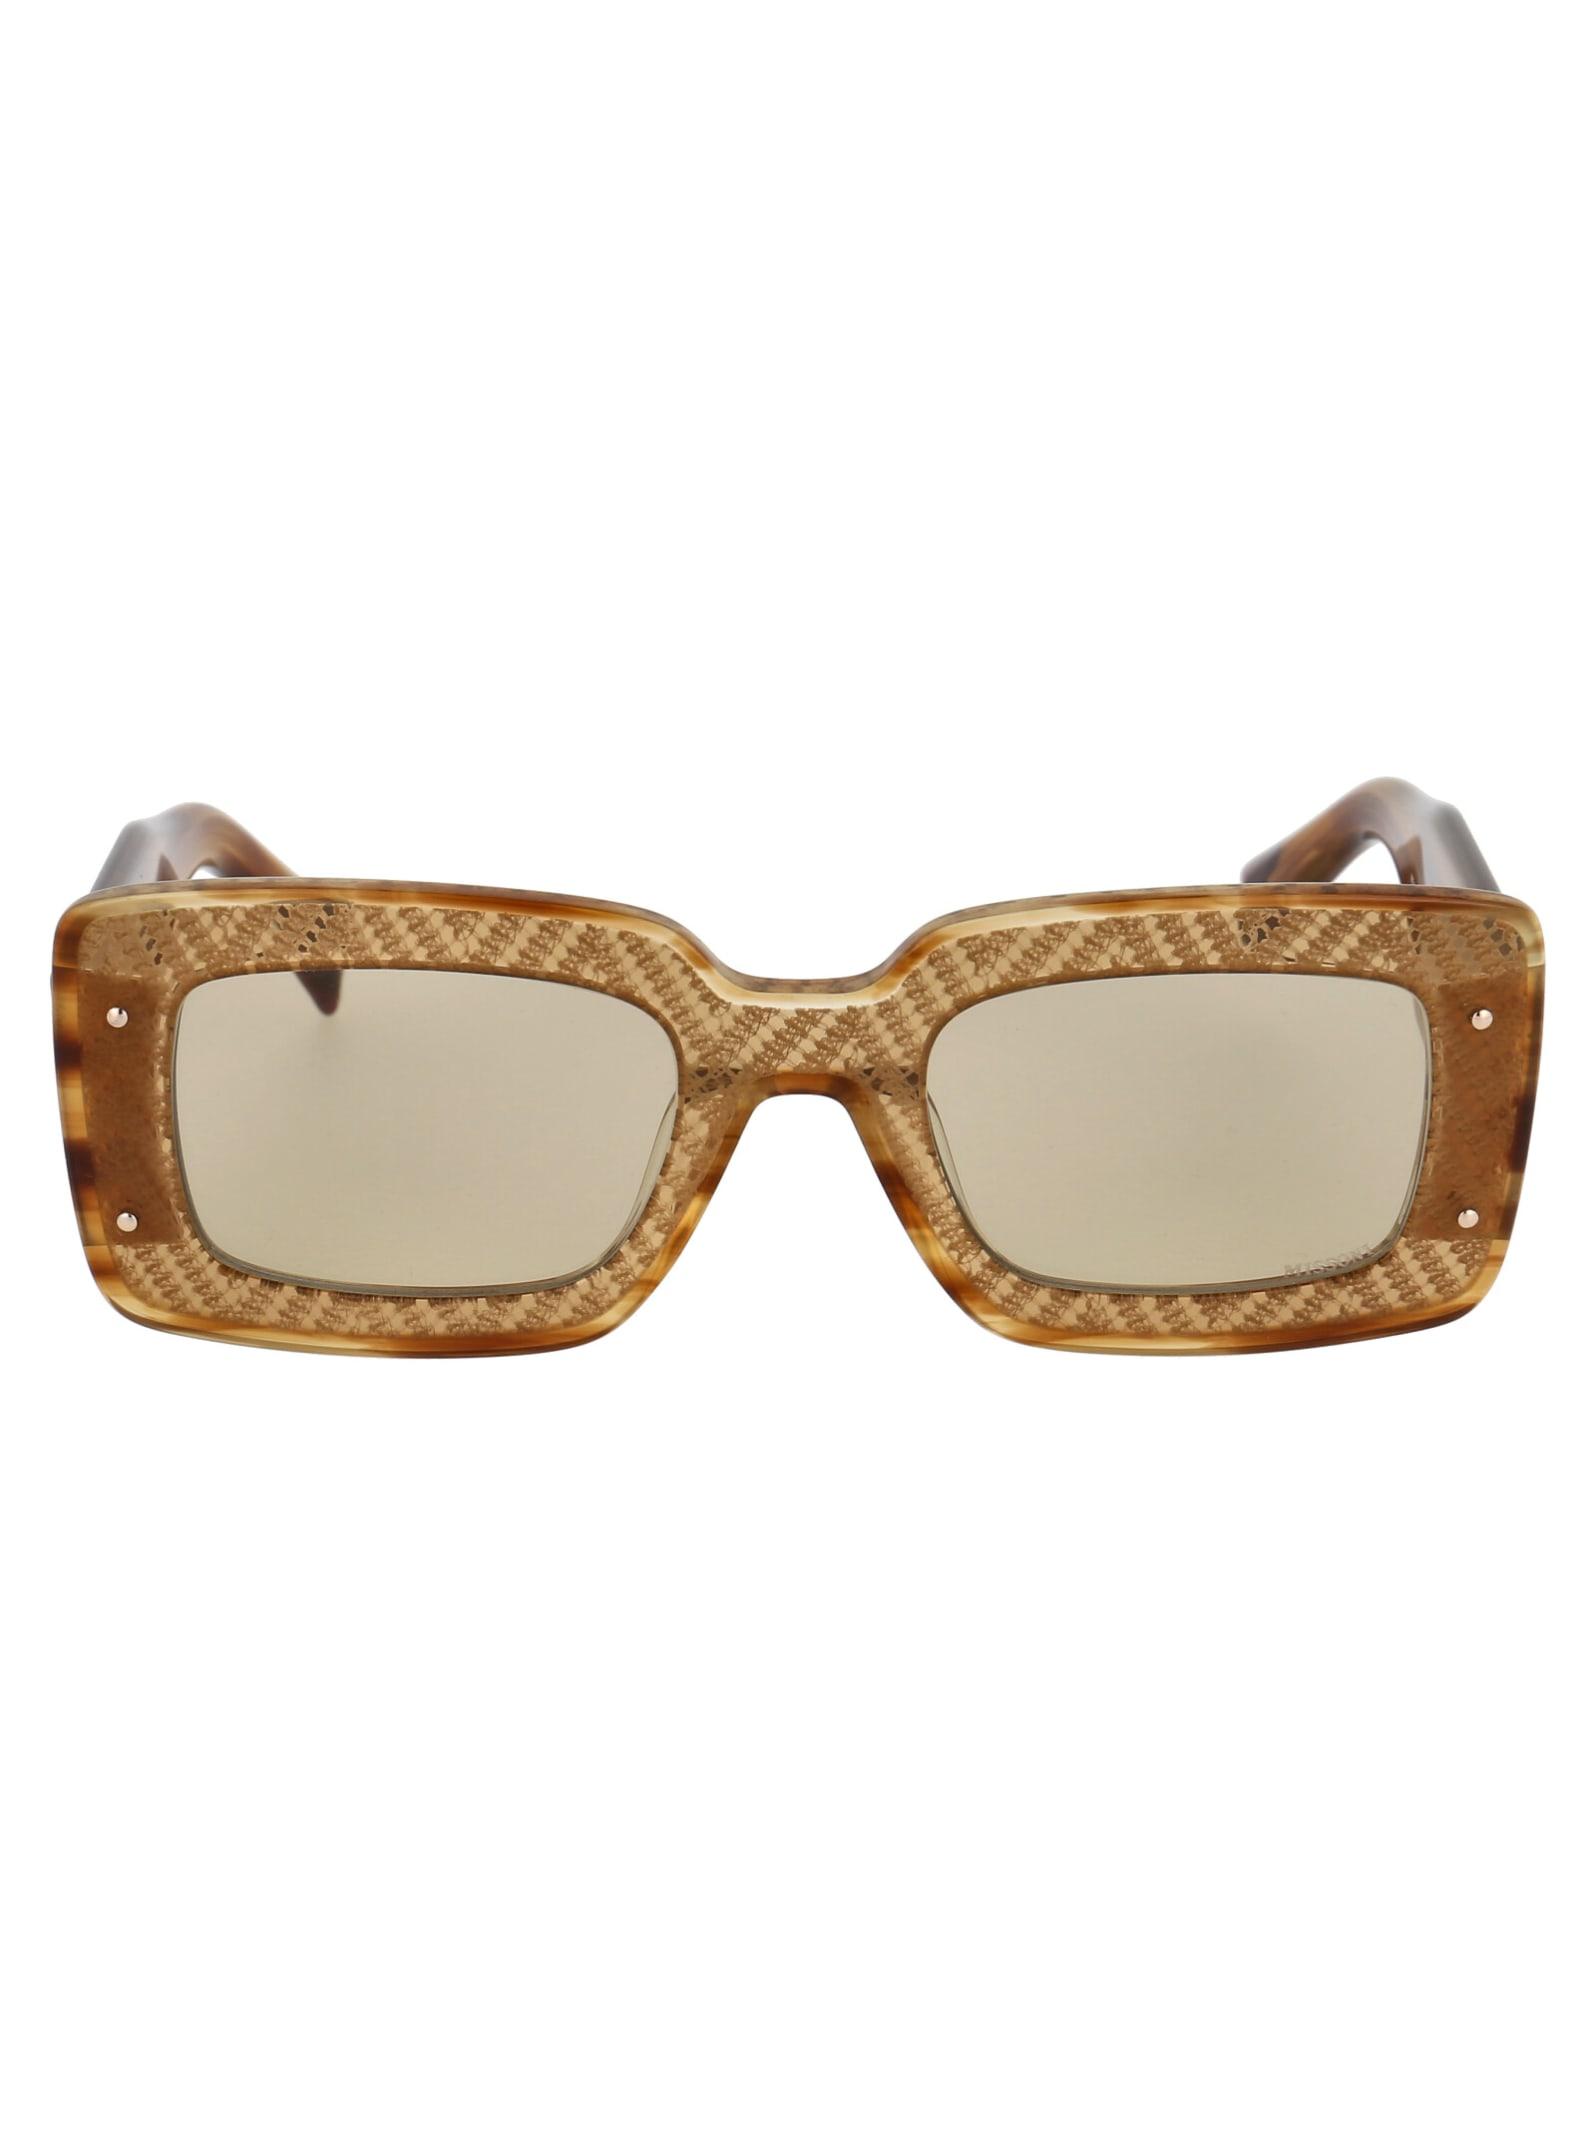 Missoni Mis 0041/n/s Sunglasses